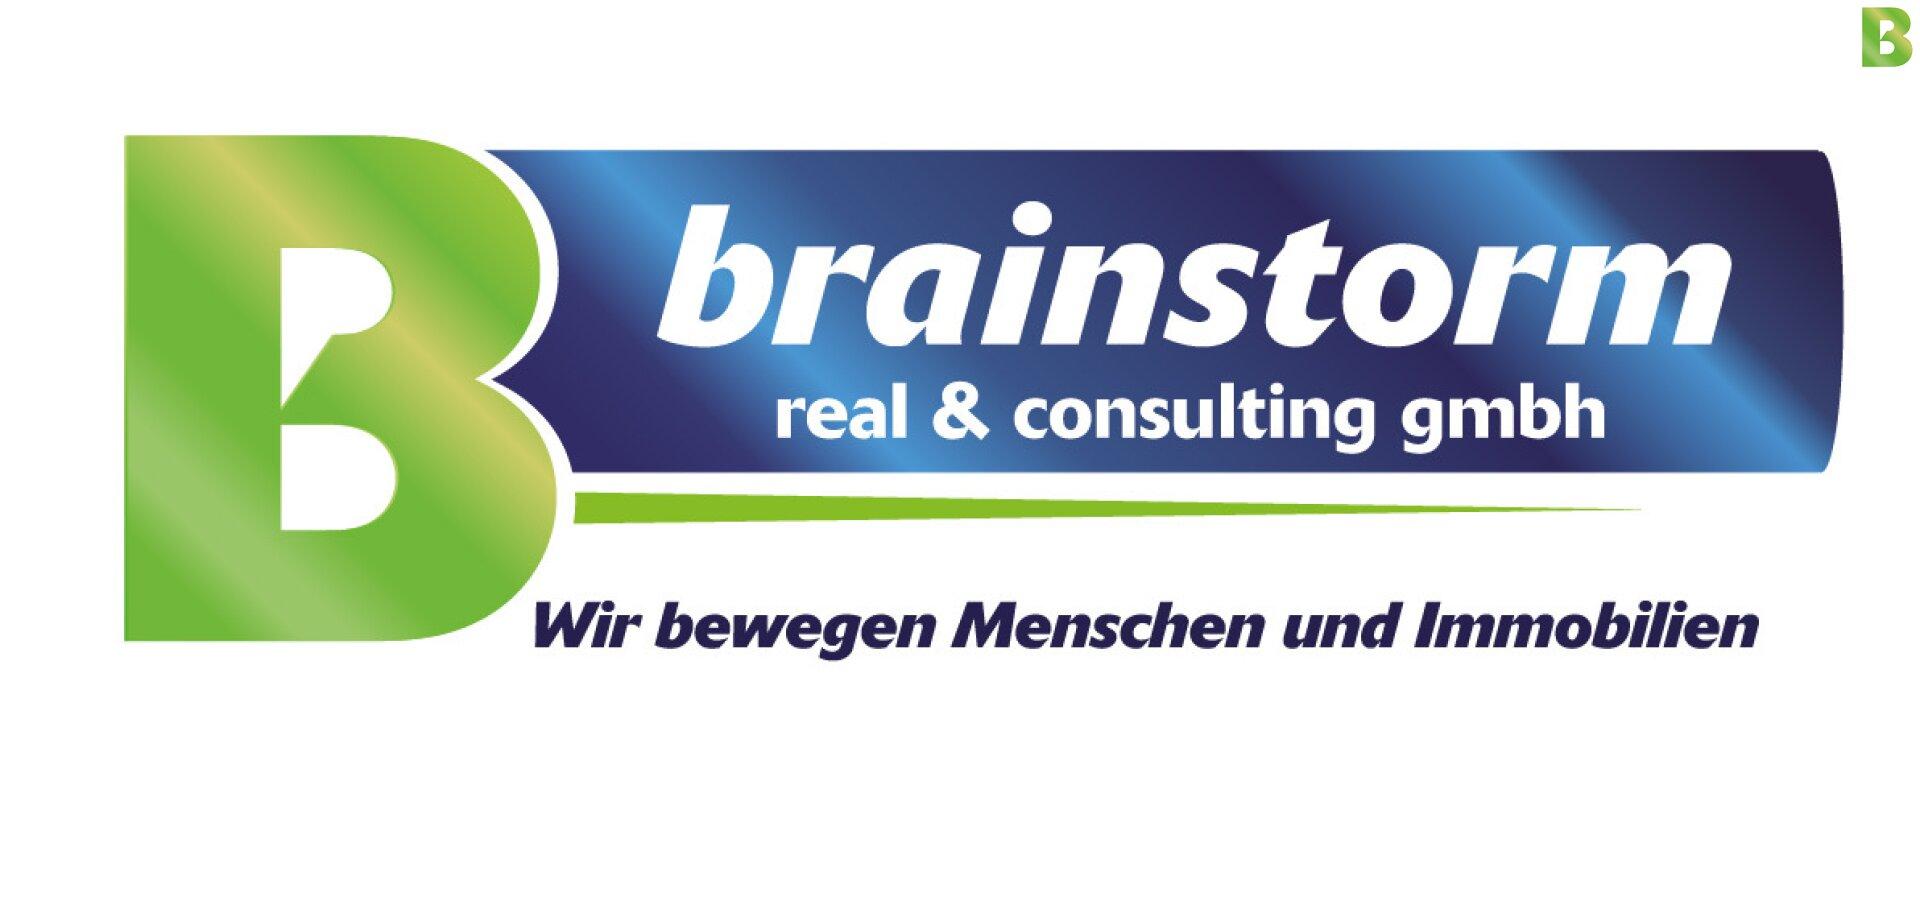 www.brainstorm.immo